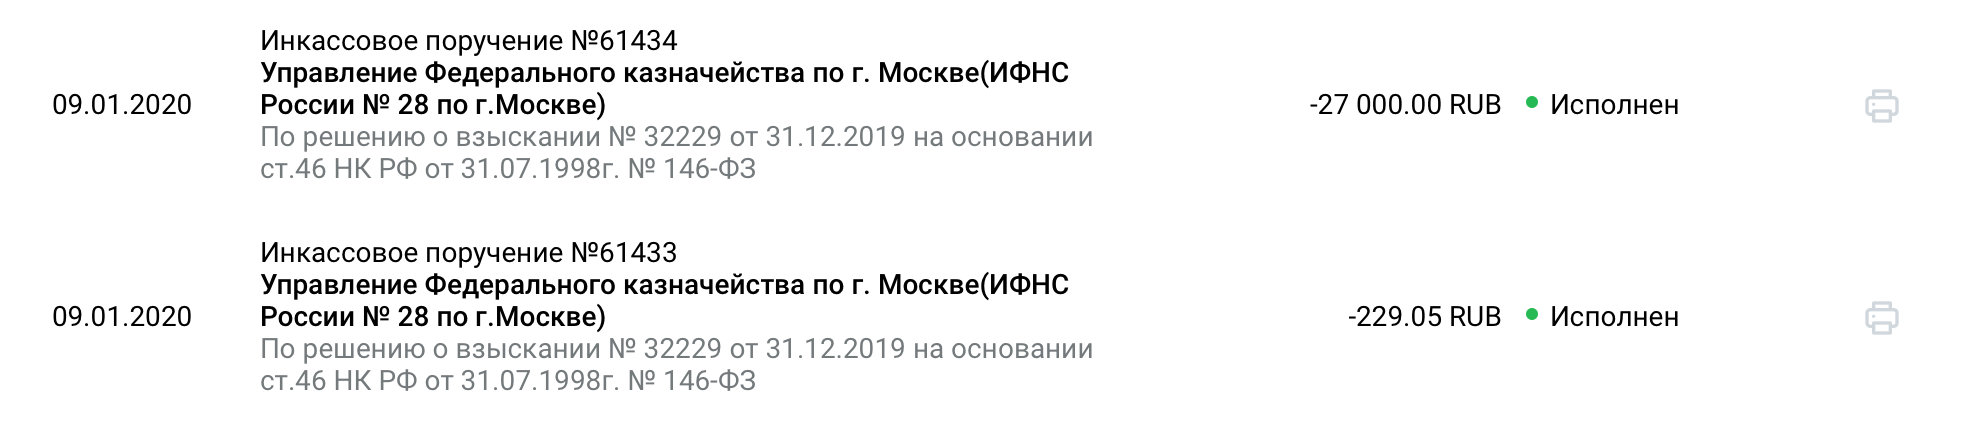 Тинькофф Мобайл - списать 27 000 рублей с неработающей карты